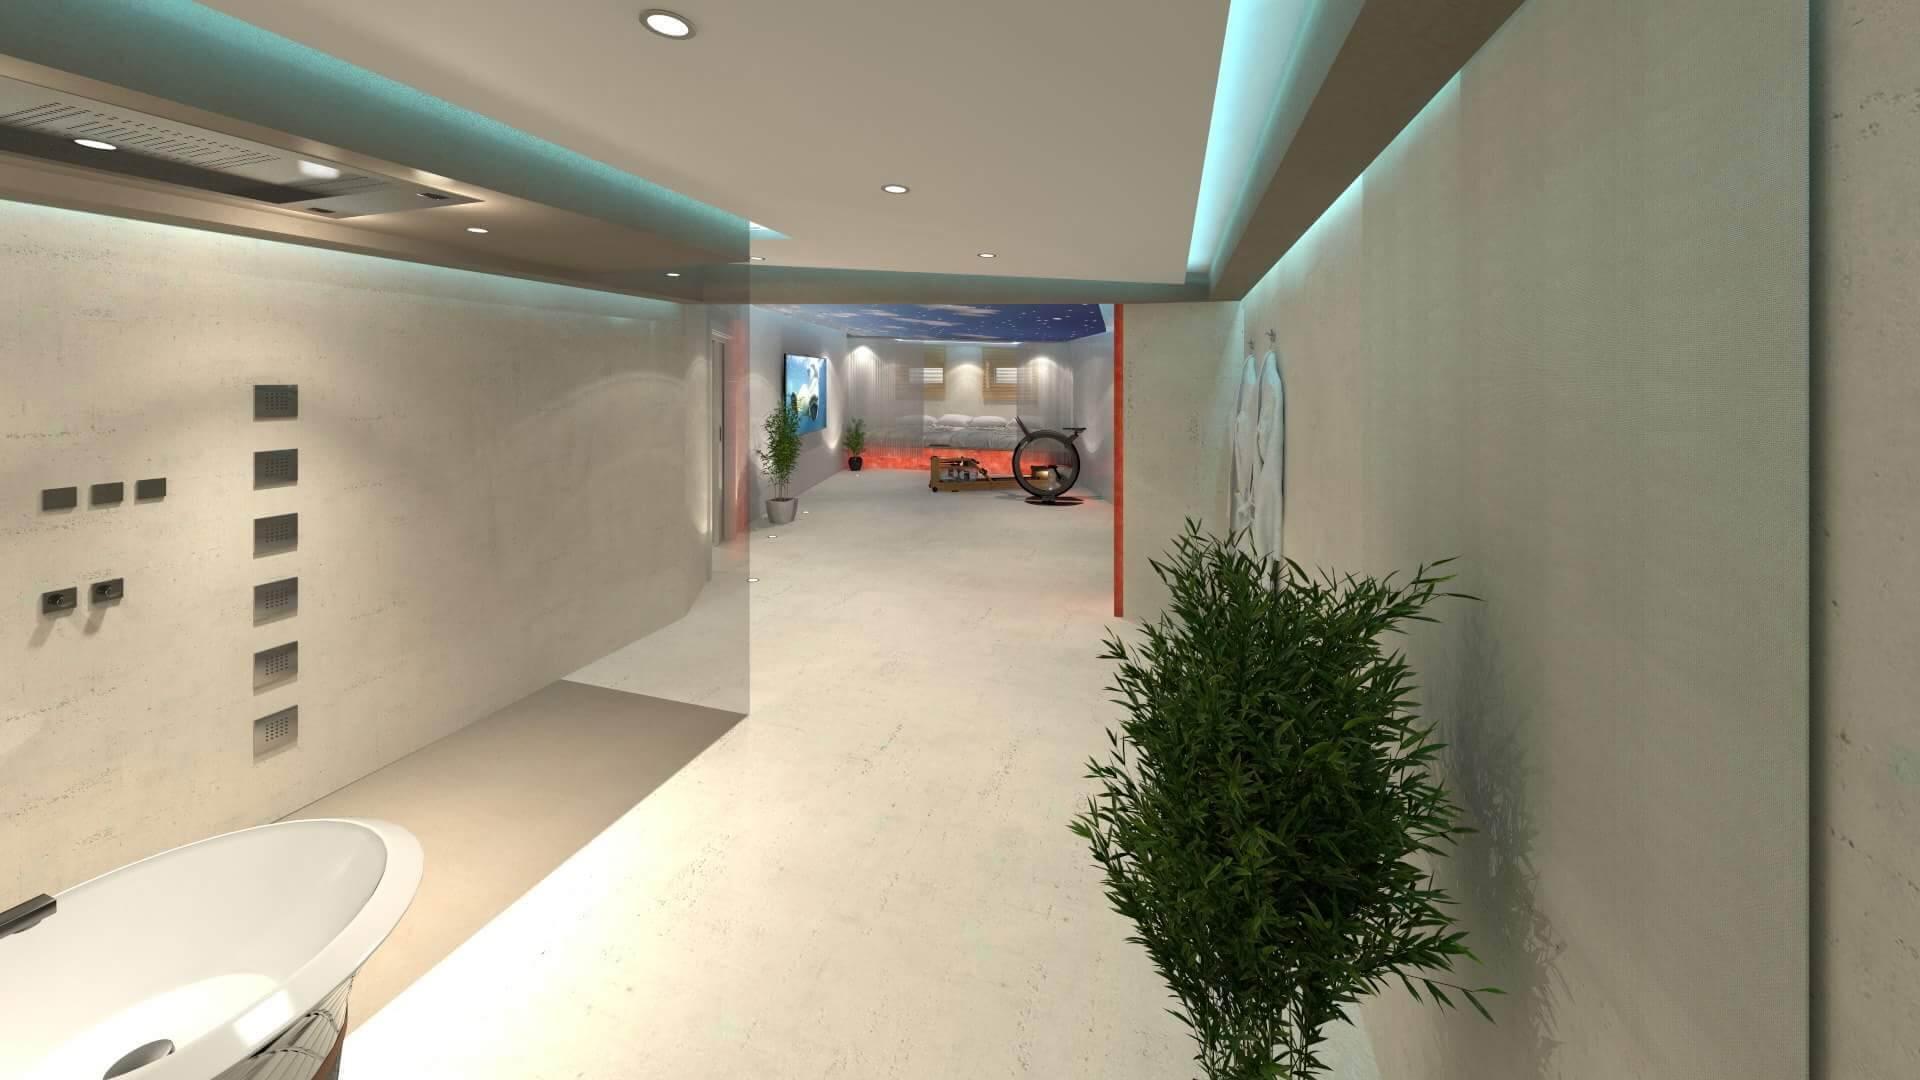 SPA Design & Architektur: Wellness in den eigenen vier Wänden erleben